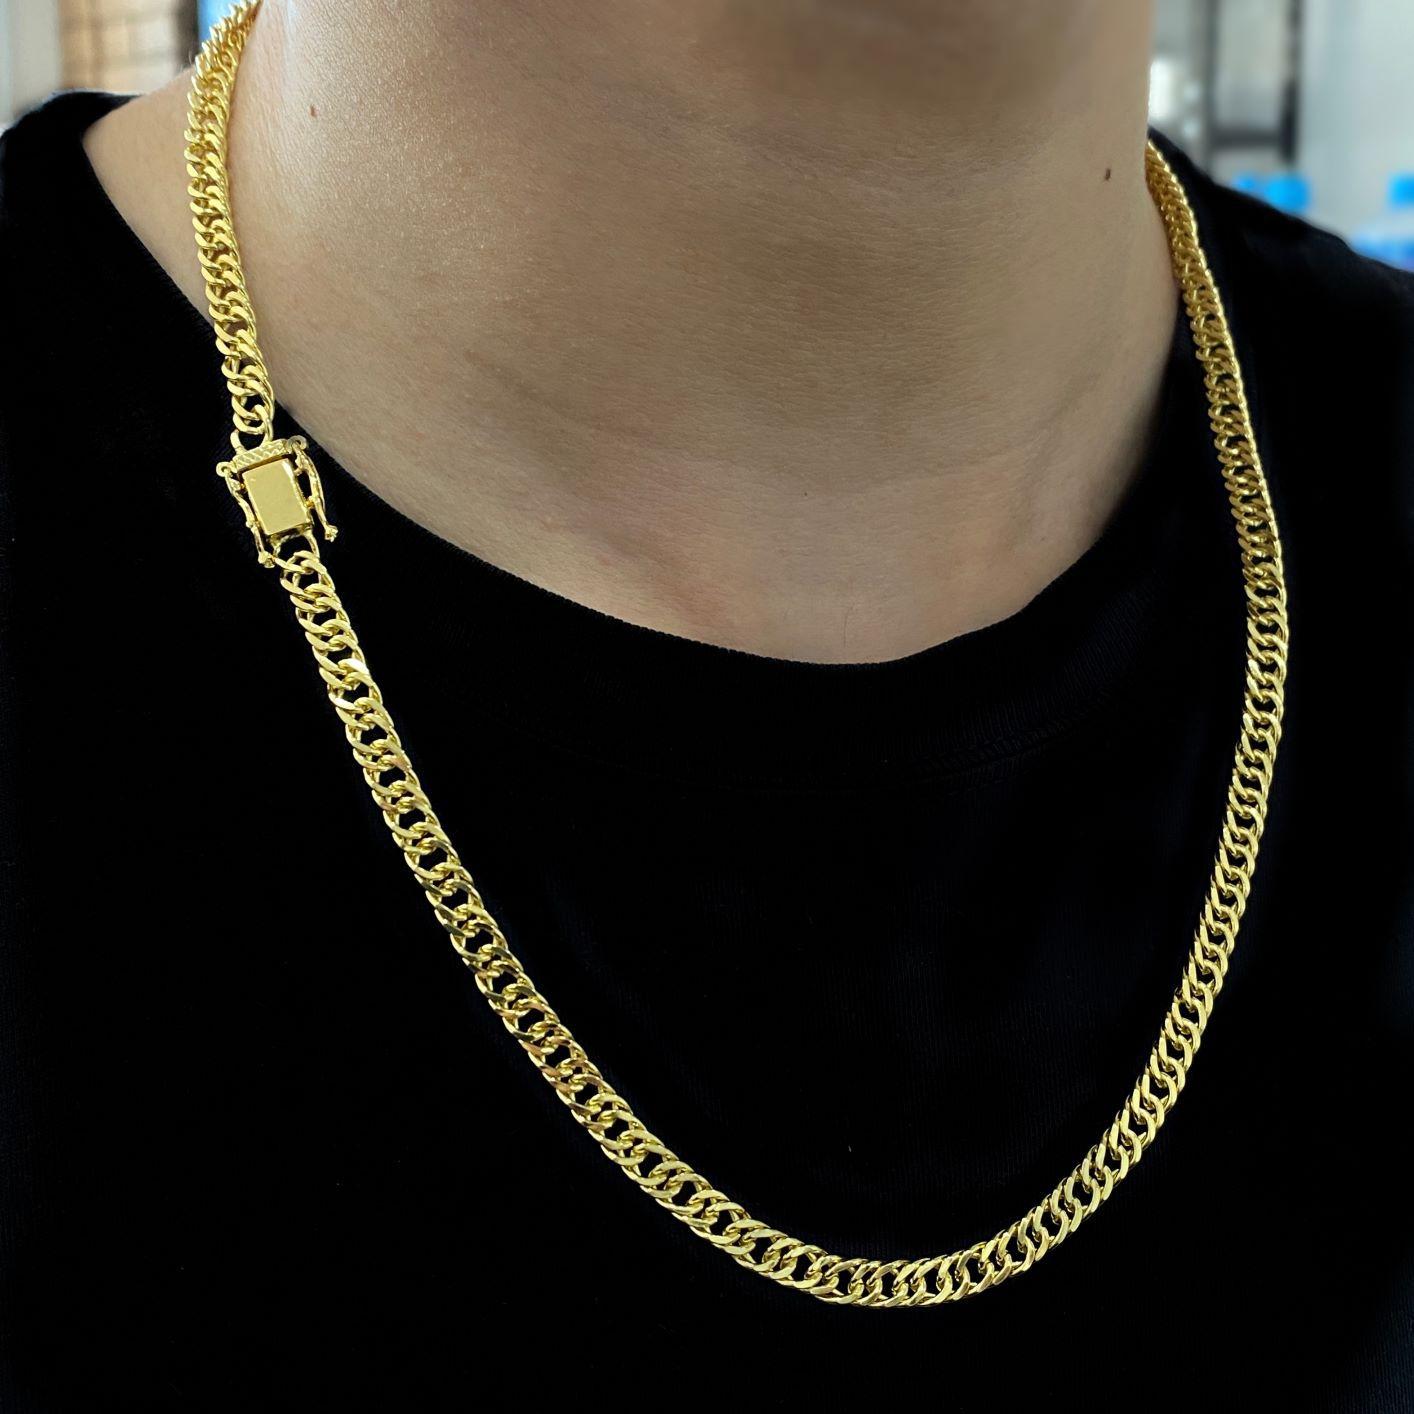 kit Corrente Double Grumet Diamantada 5,5mm 60cm 28g (Fecho Gaveta Dupla) (Banho Ouro 24K) + Pingente São Jorge Texturizado Cravejado em Zircônia (2,8cmX2,5cm) (Banho Ouro 24k)